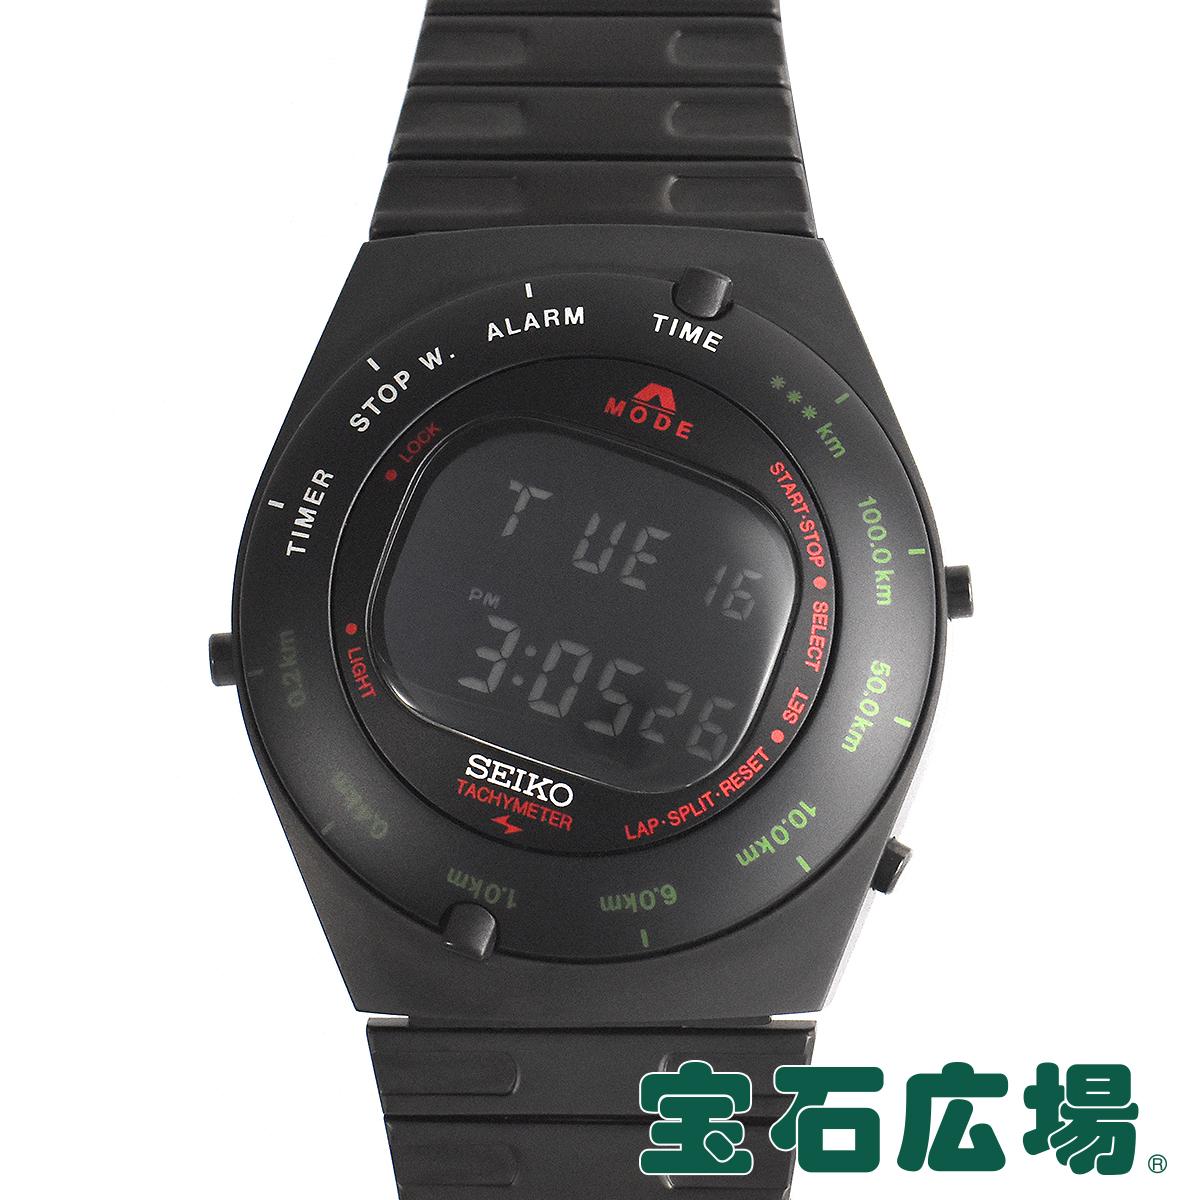 セイコー SEIKO ドライバーズウォッチ ジウジアーロデザイン 35周年記念 限定500本 SBJG011 A825-00G0【中古】メンズ 腕時計 送料無料